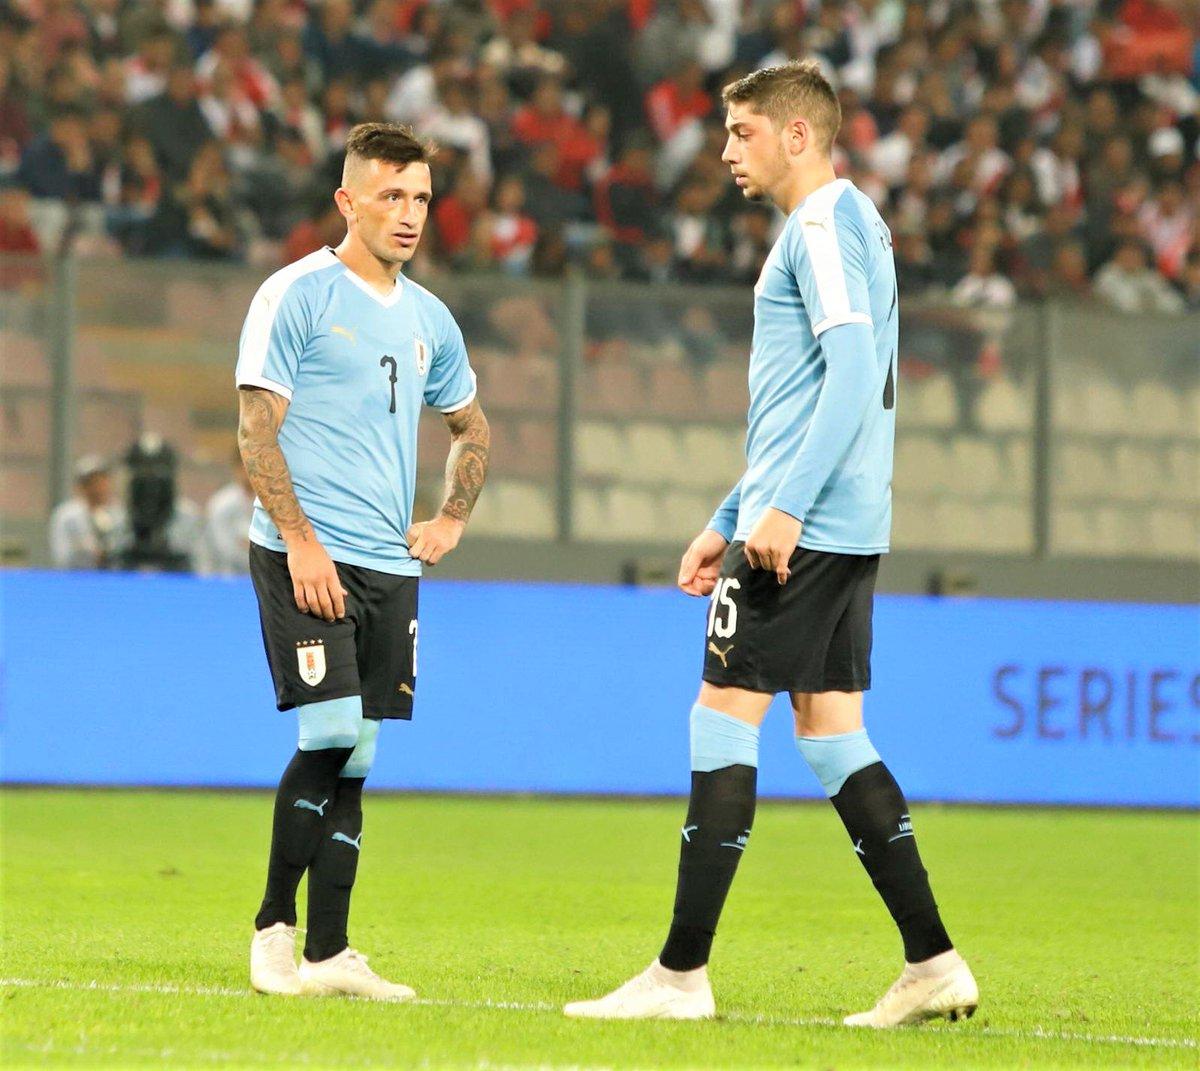 Perú 1-1 Uruguay, Valverde y Lozano